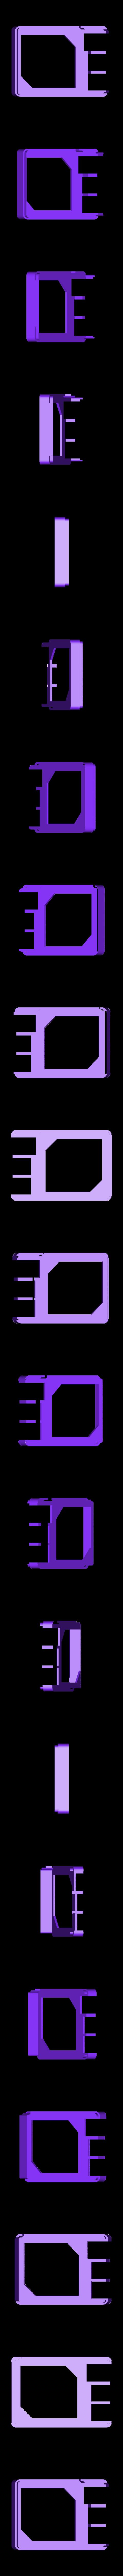 pi-case-top.stl Télécharger fichier STL gratuit CNC Wood Case for Raspberry Pi 3 • Design imprimable en 3D, Adafruit